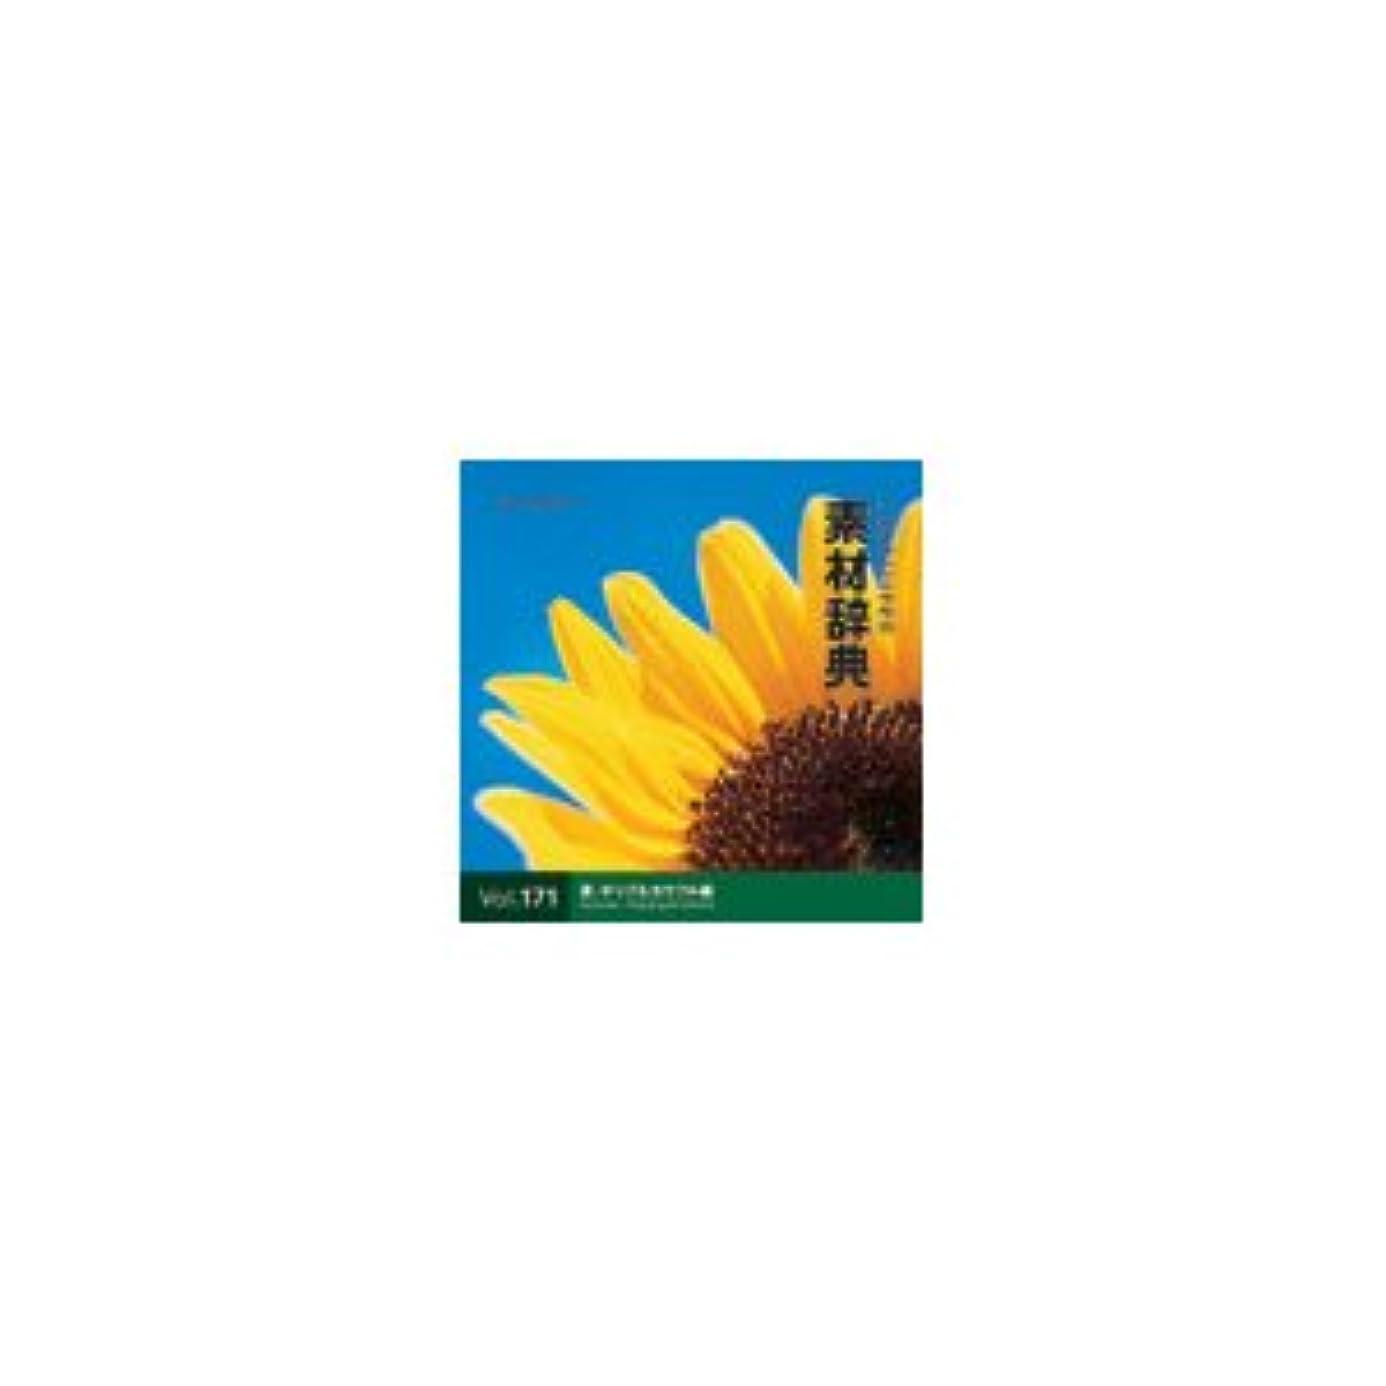 吹雪仕様ミスペンド写真素材 素材辞典Vol.171 夏-ポップ&カラフル編